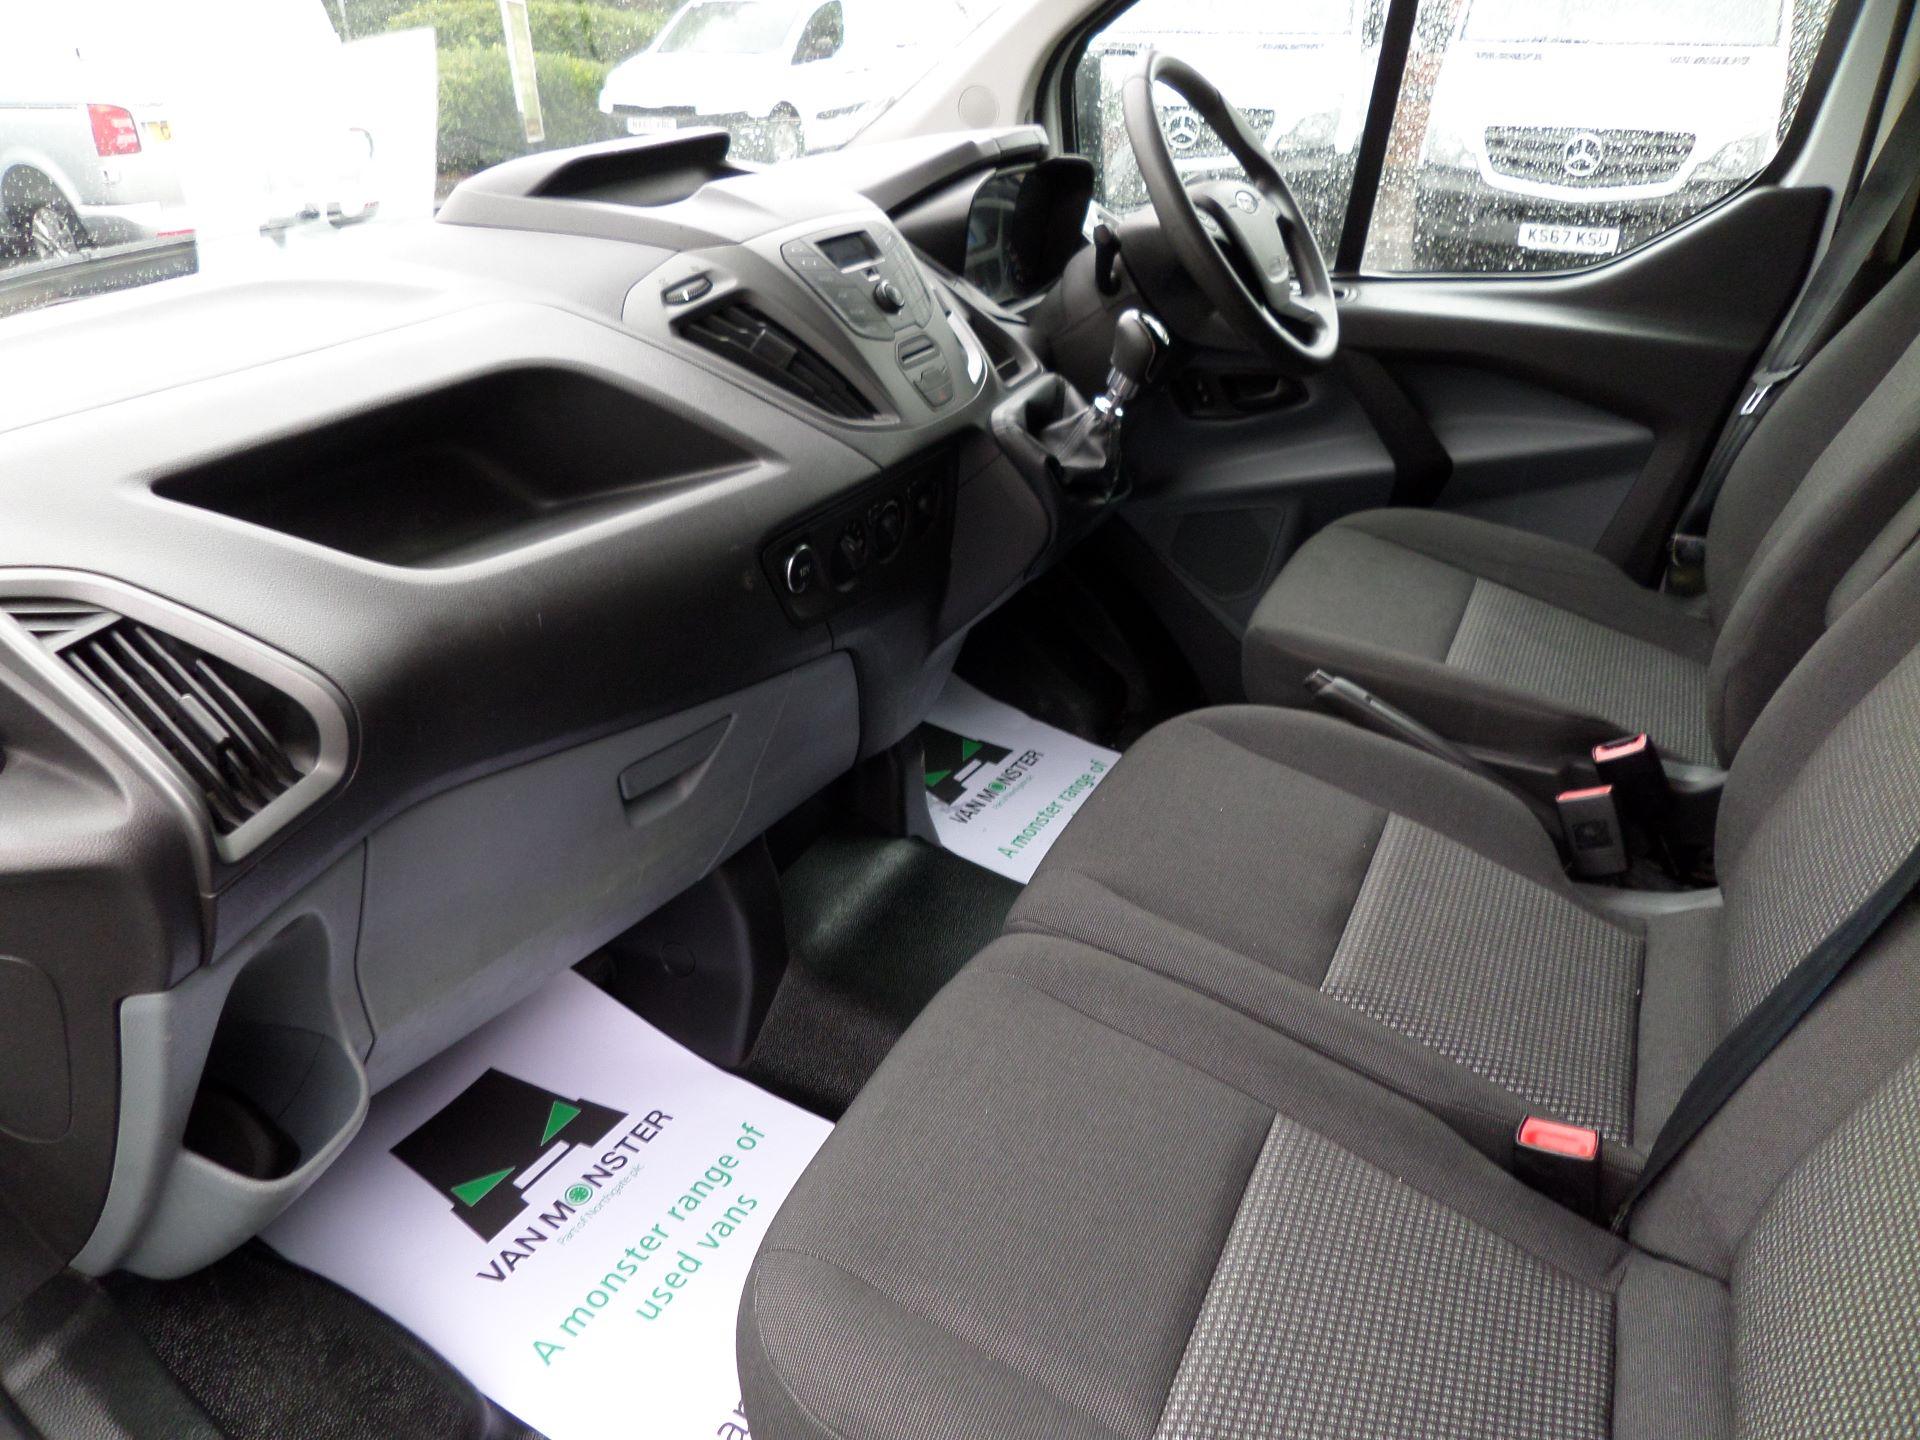 2014 Ford Transit Custom 290 L1 DIESEL FWD 2.2  TDCI 100PS LOW ROOF VAN EURO 5 (NK64YHN) Image 11